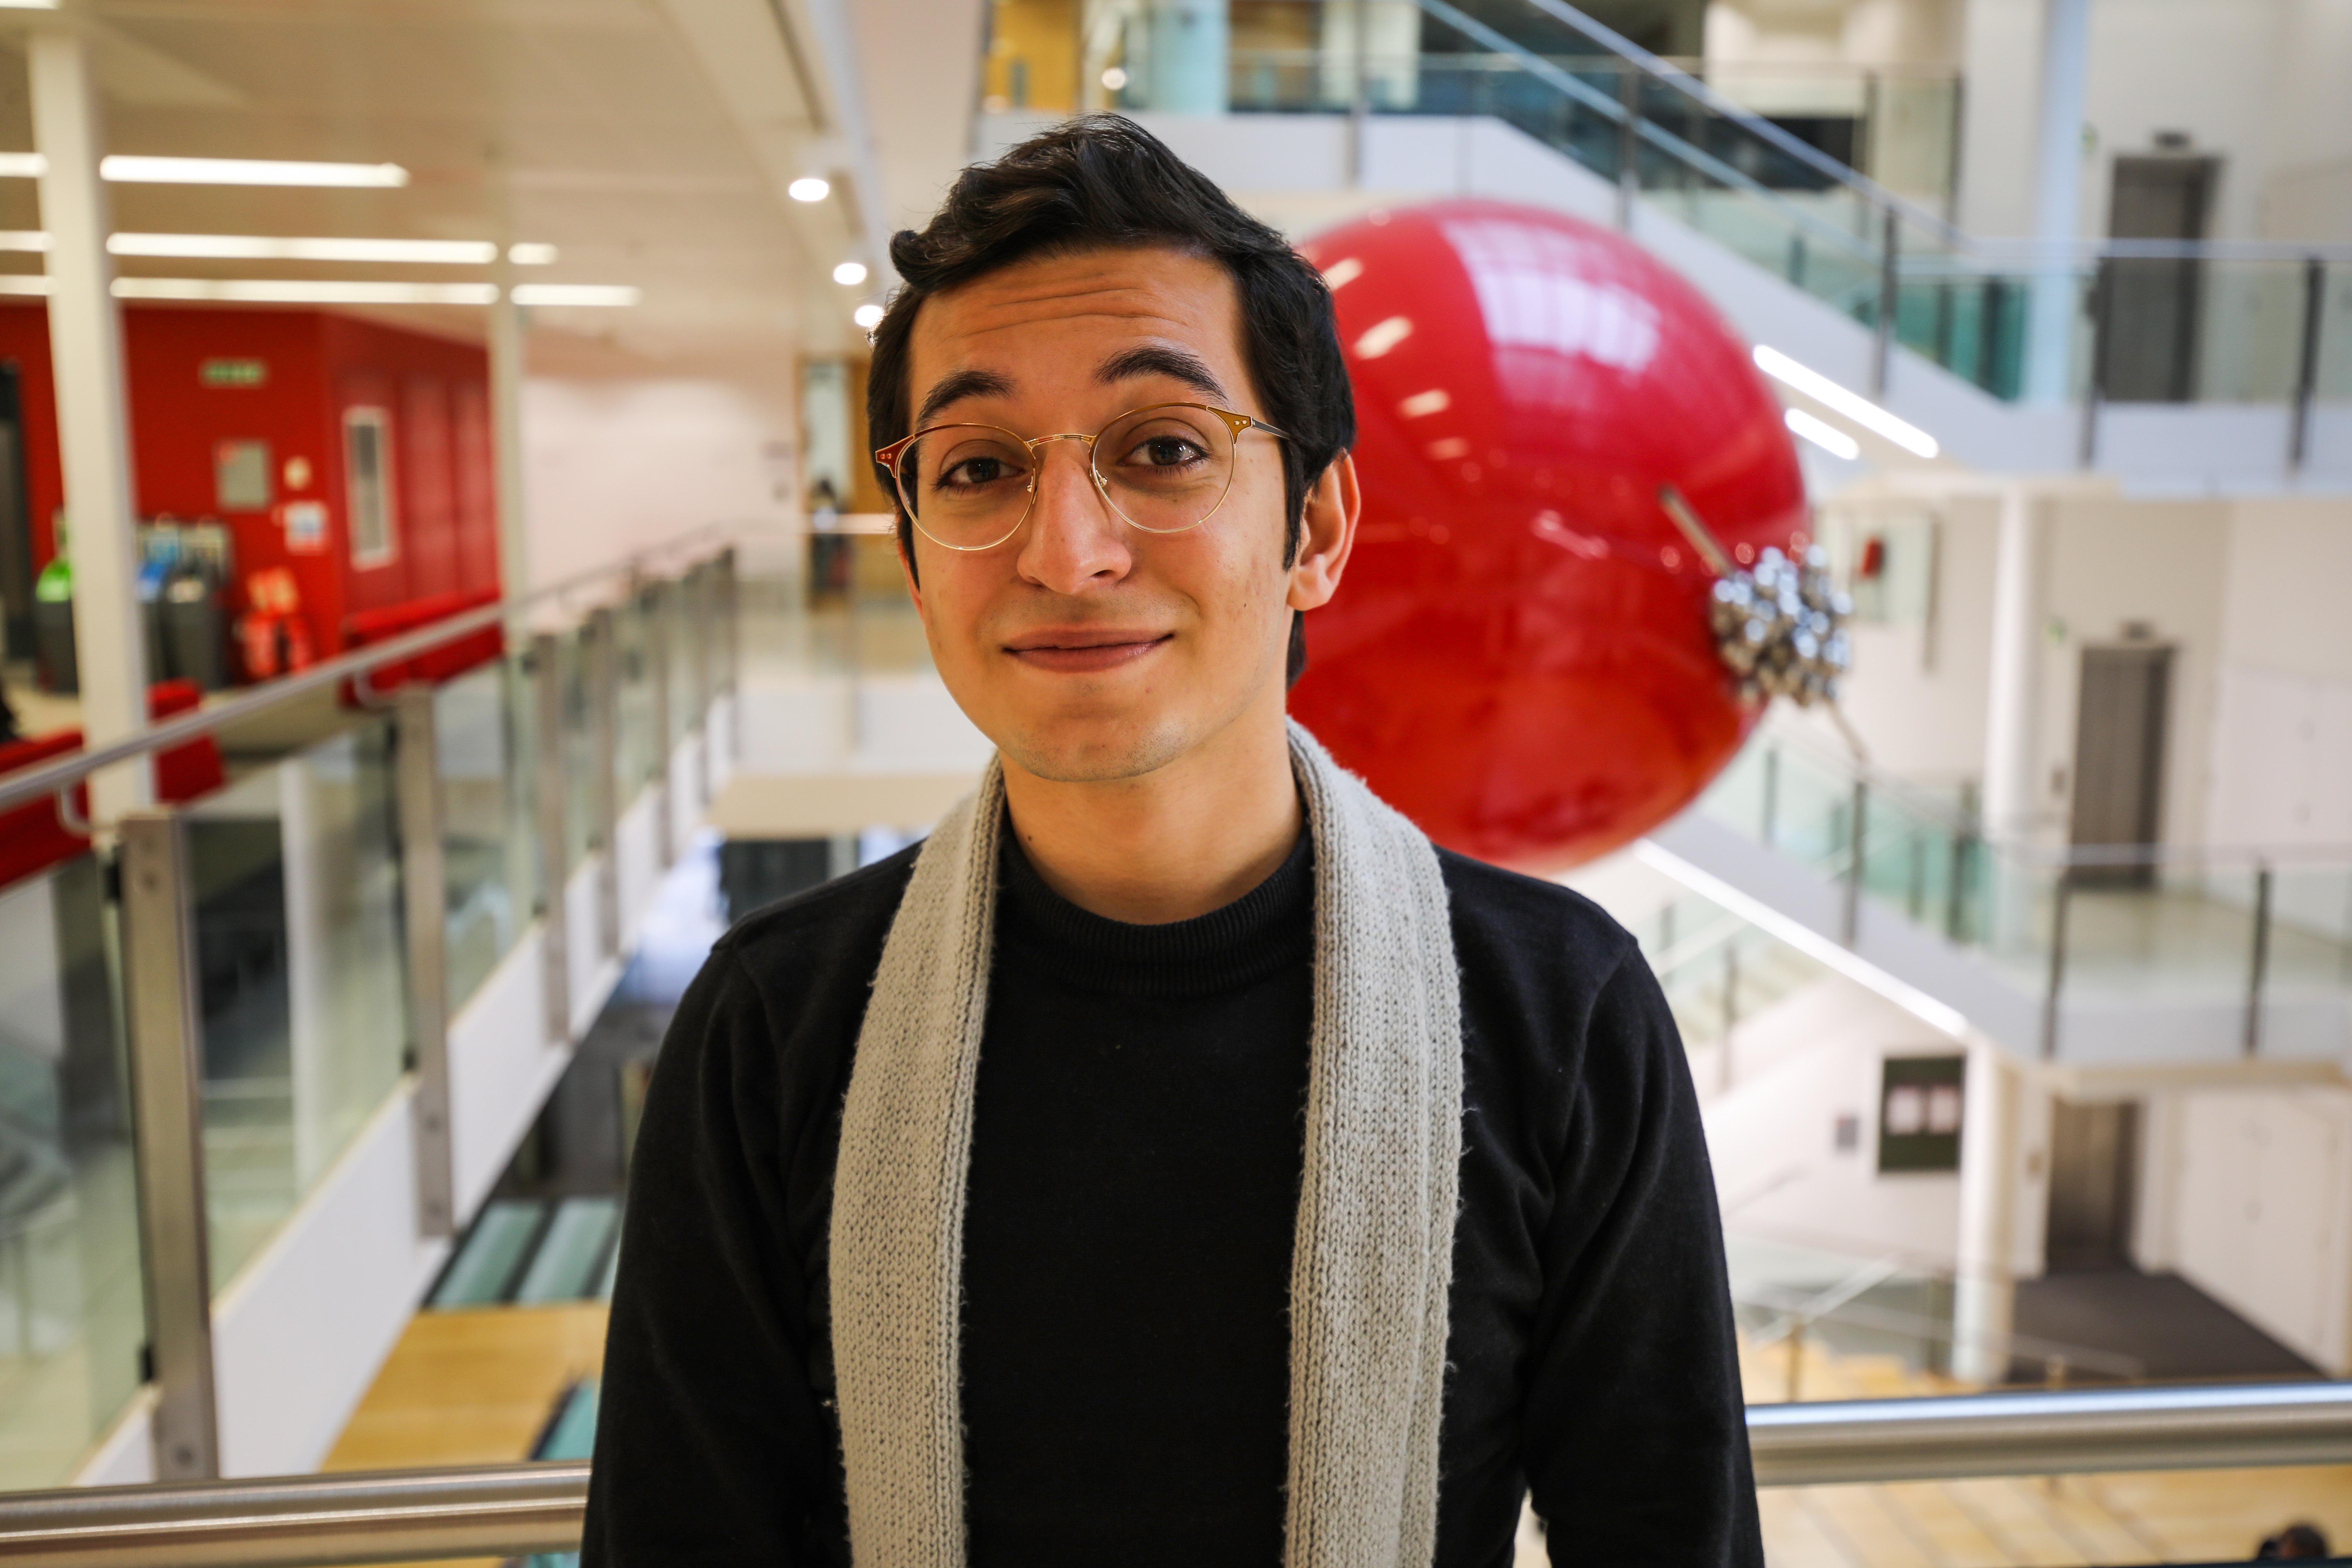 Sharif Kazemi